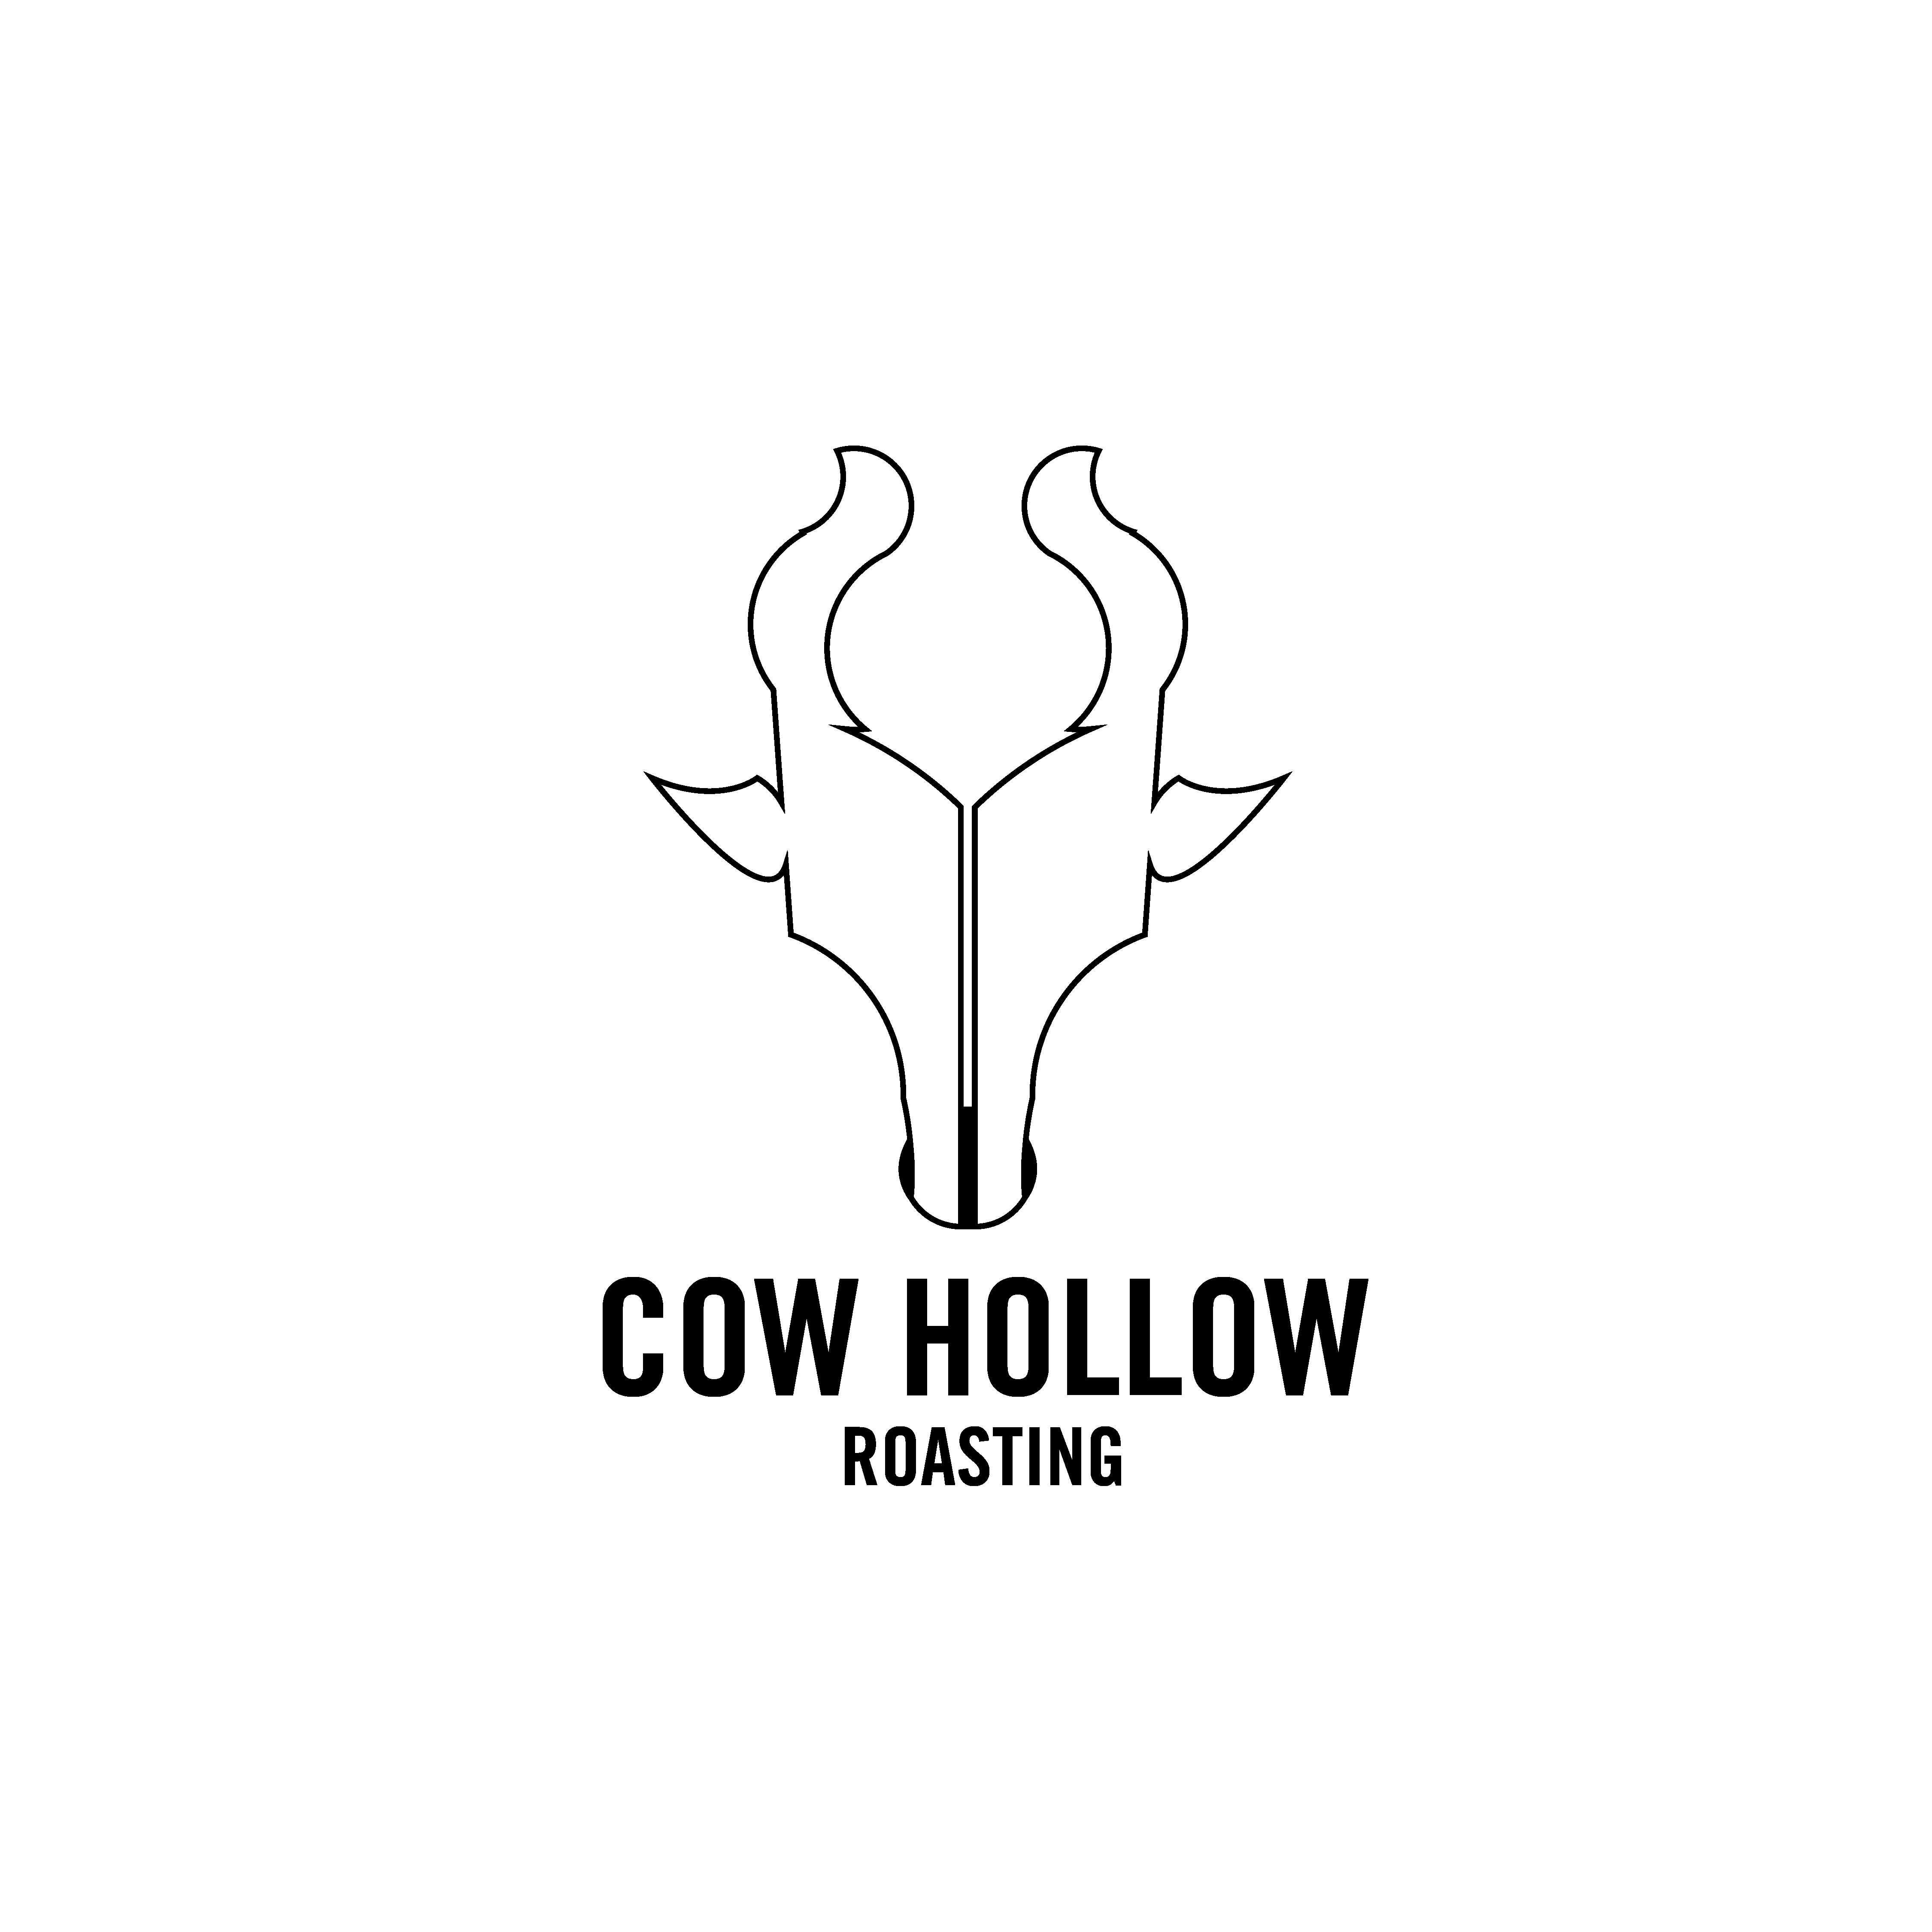 cow hollow creative logo design